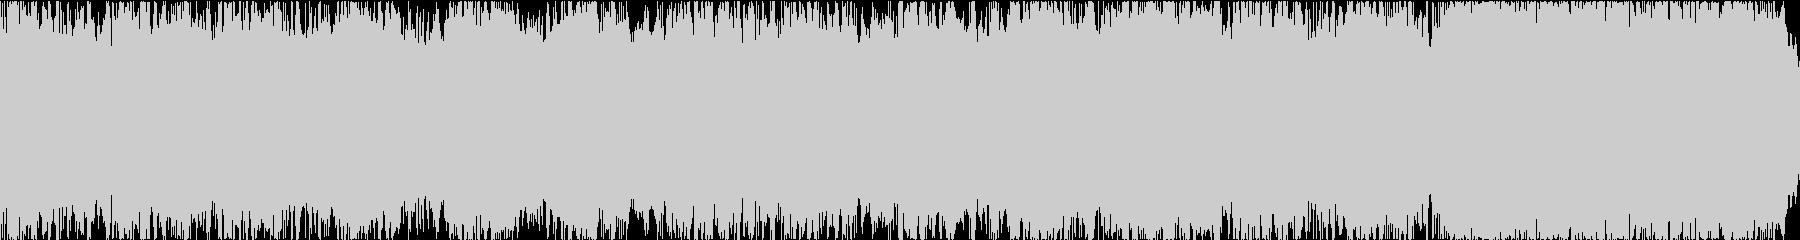 惑星をイメージしたエレクトロなループ音源の未再生の波形